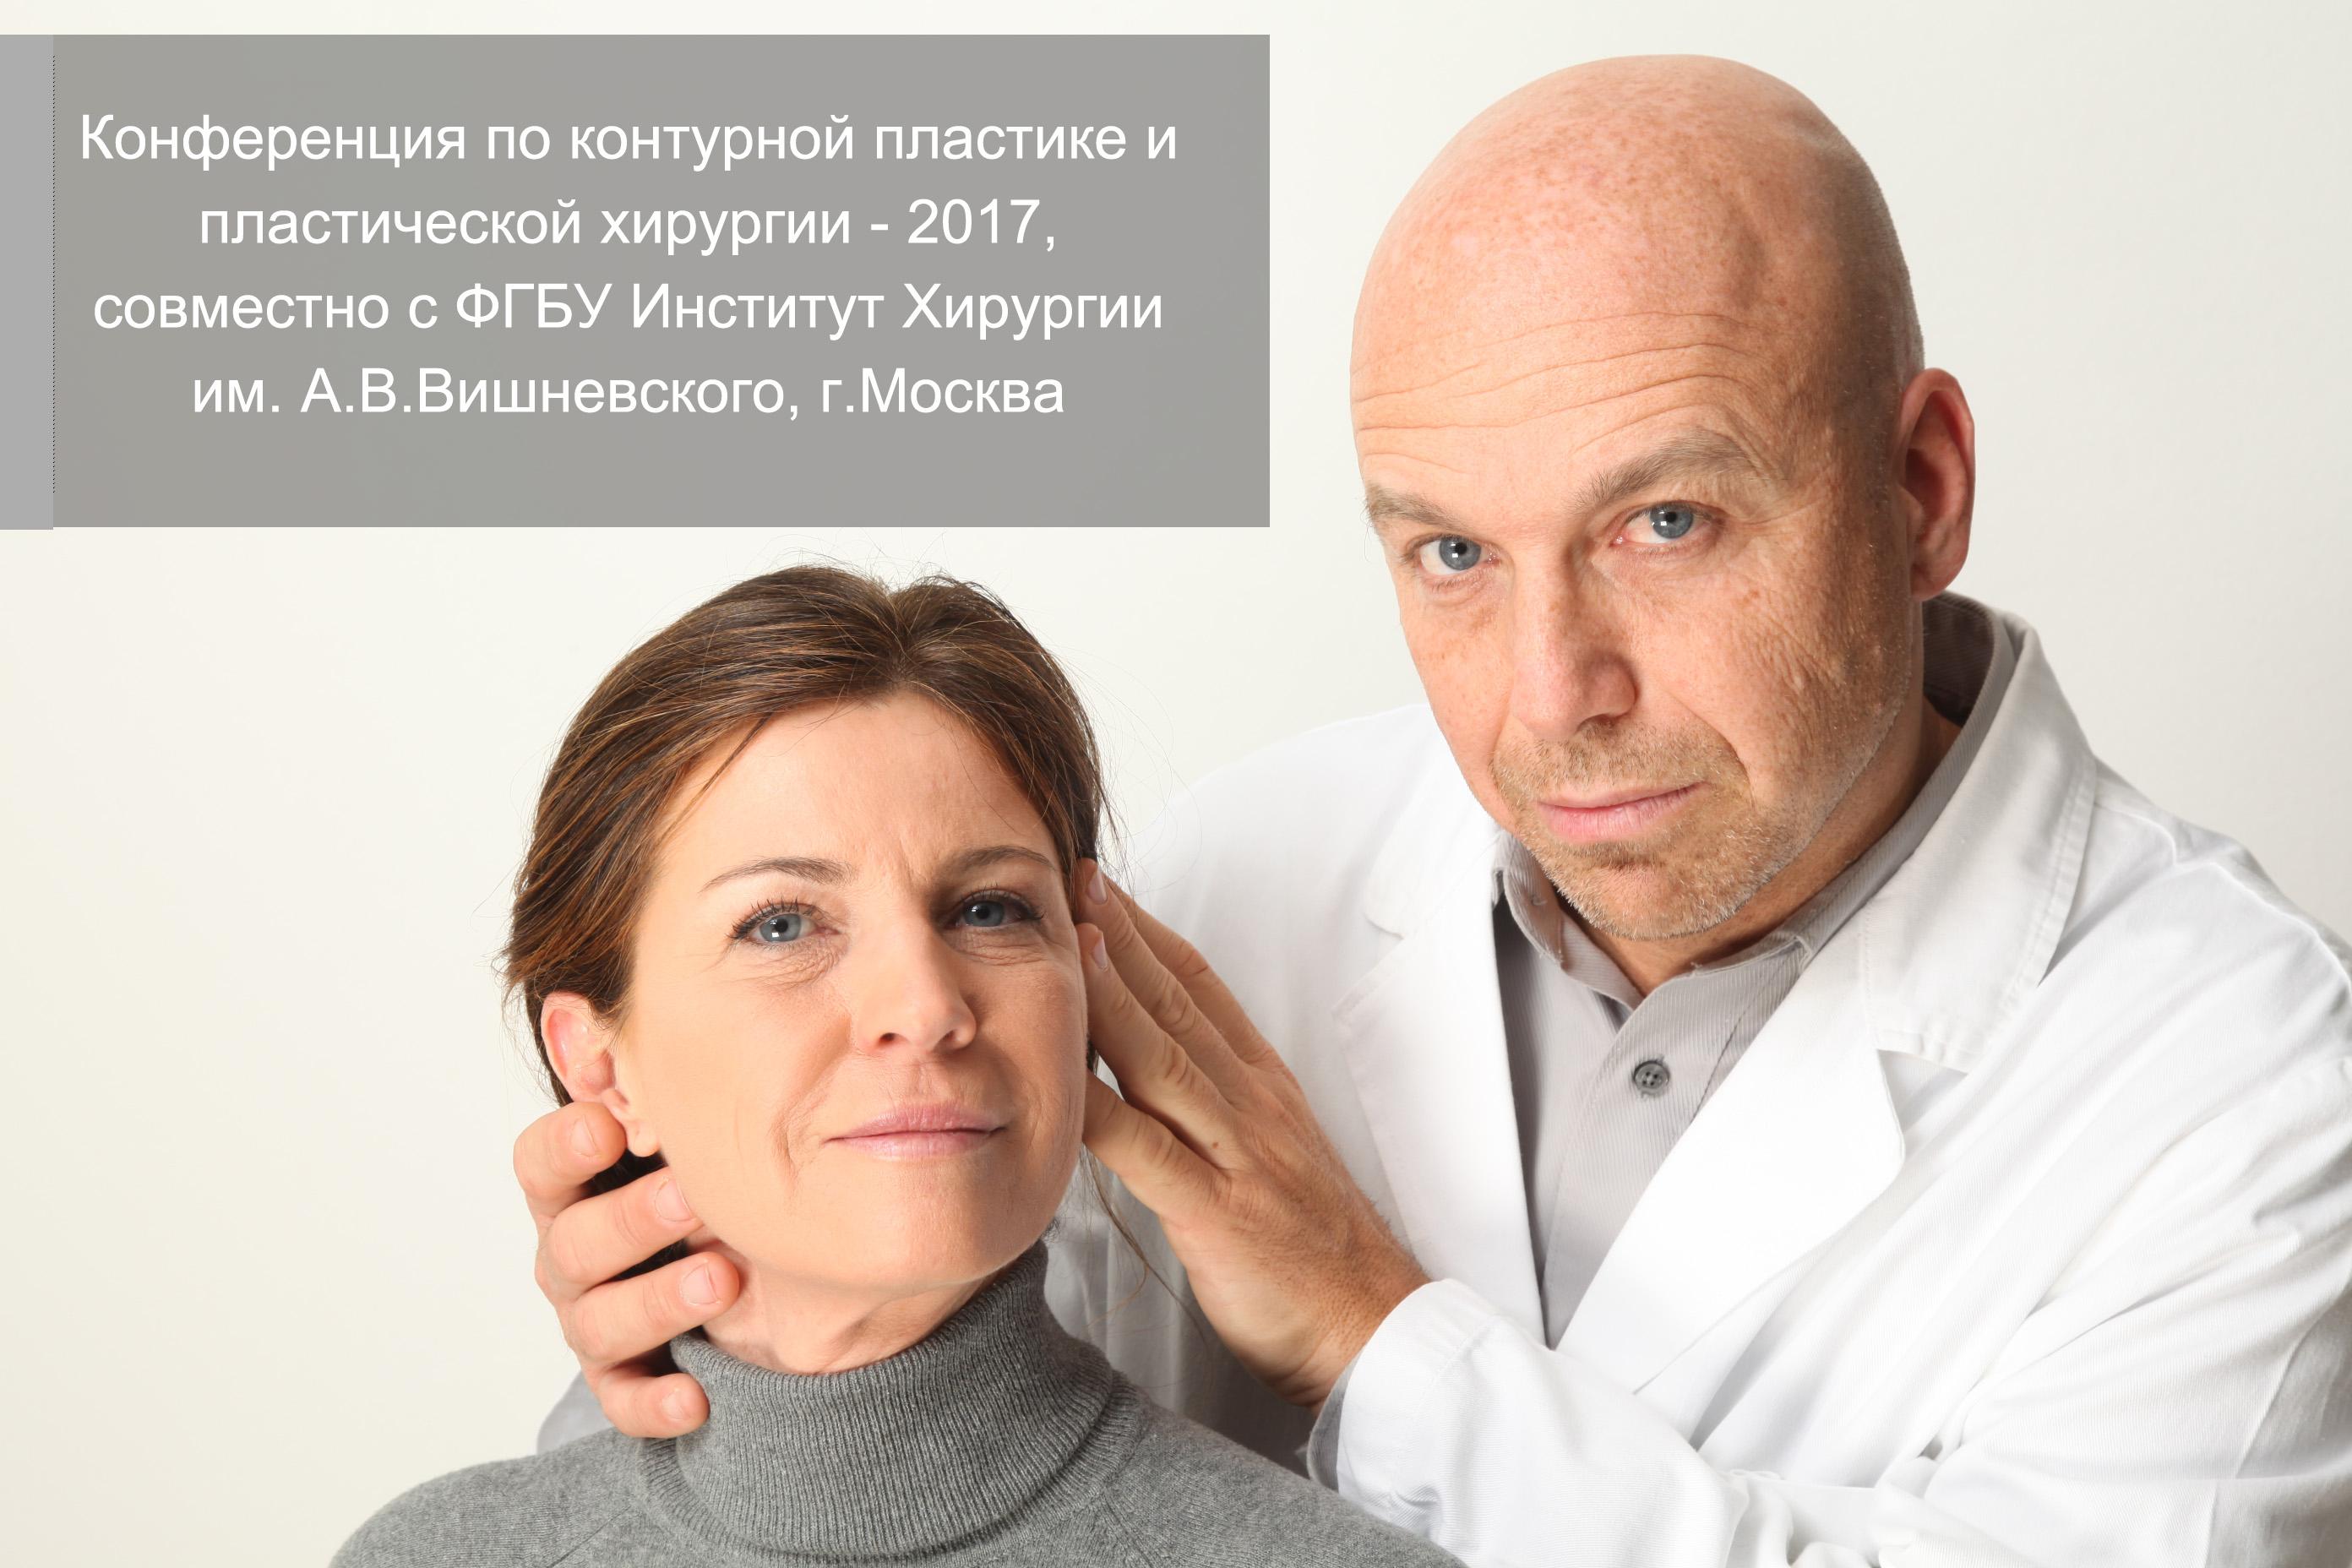 Лучшие хирурги по подтяжке лица в москве: официальный рейтинг tecrussia.ru